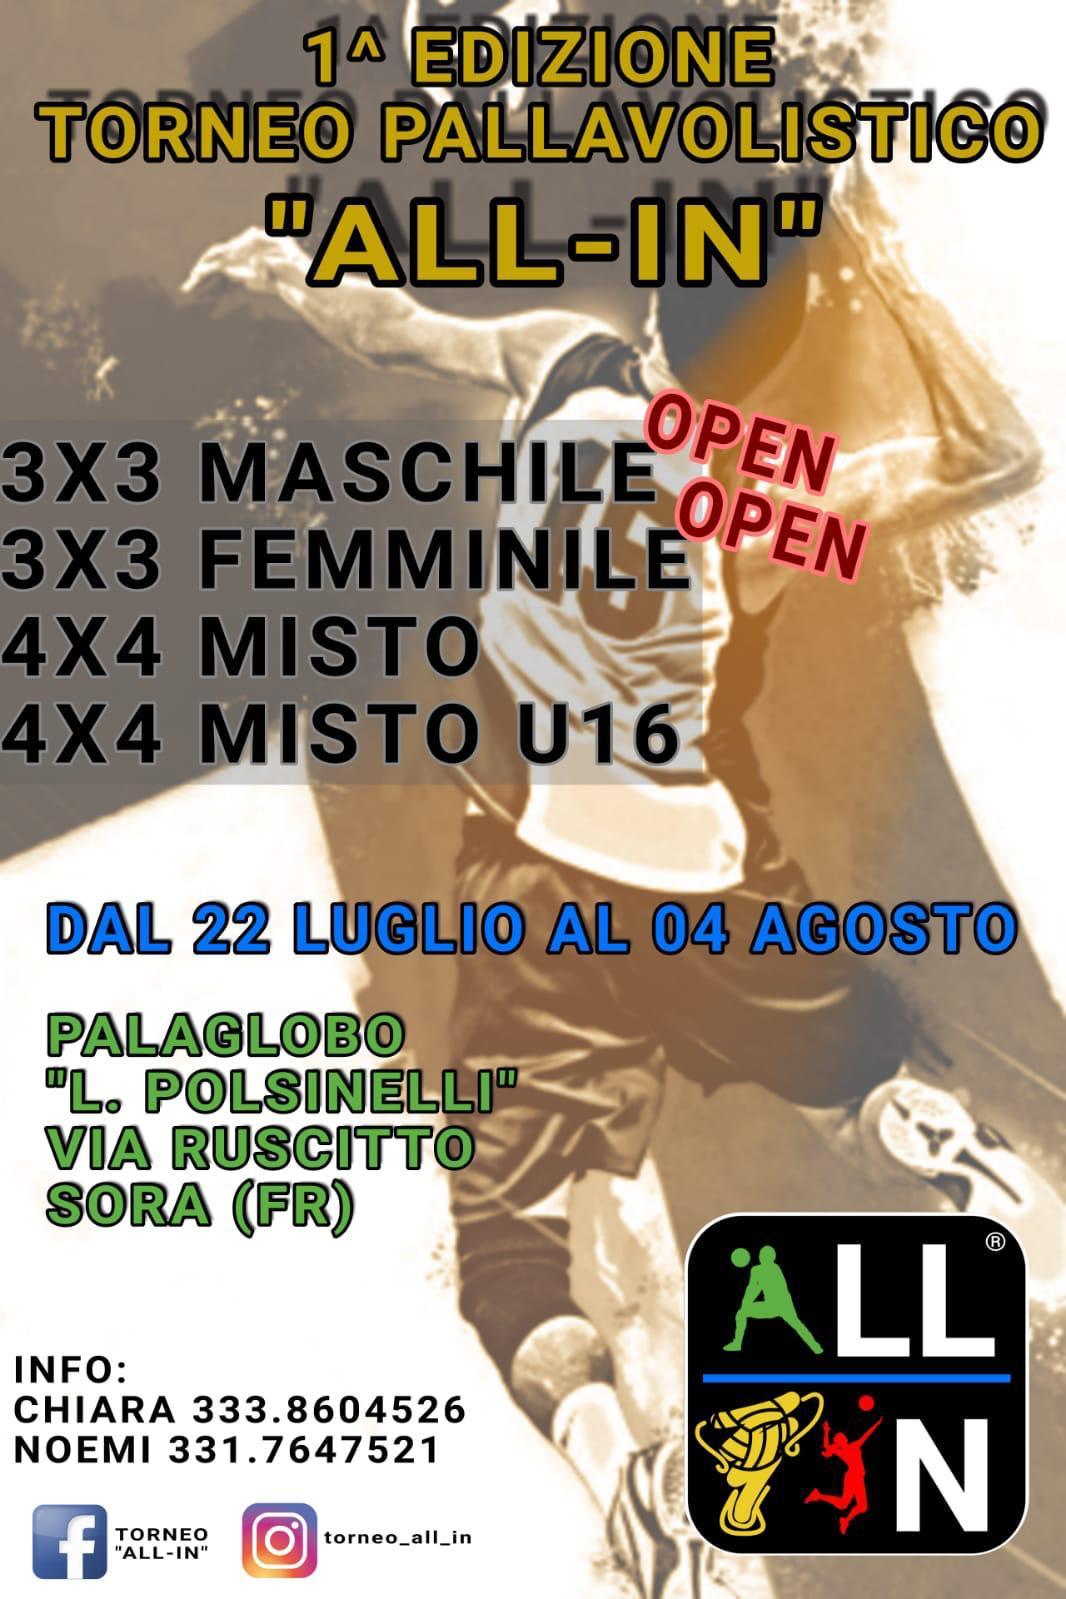 1' Edizione del torneo pallavolistico 'ALL-IN'